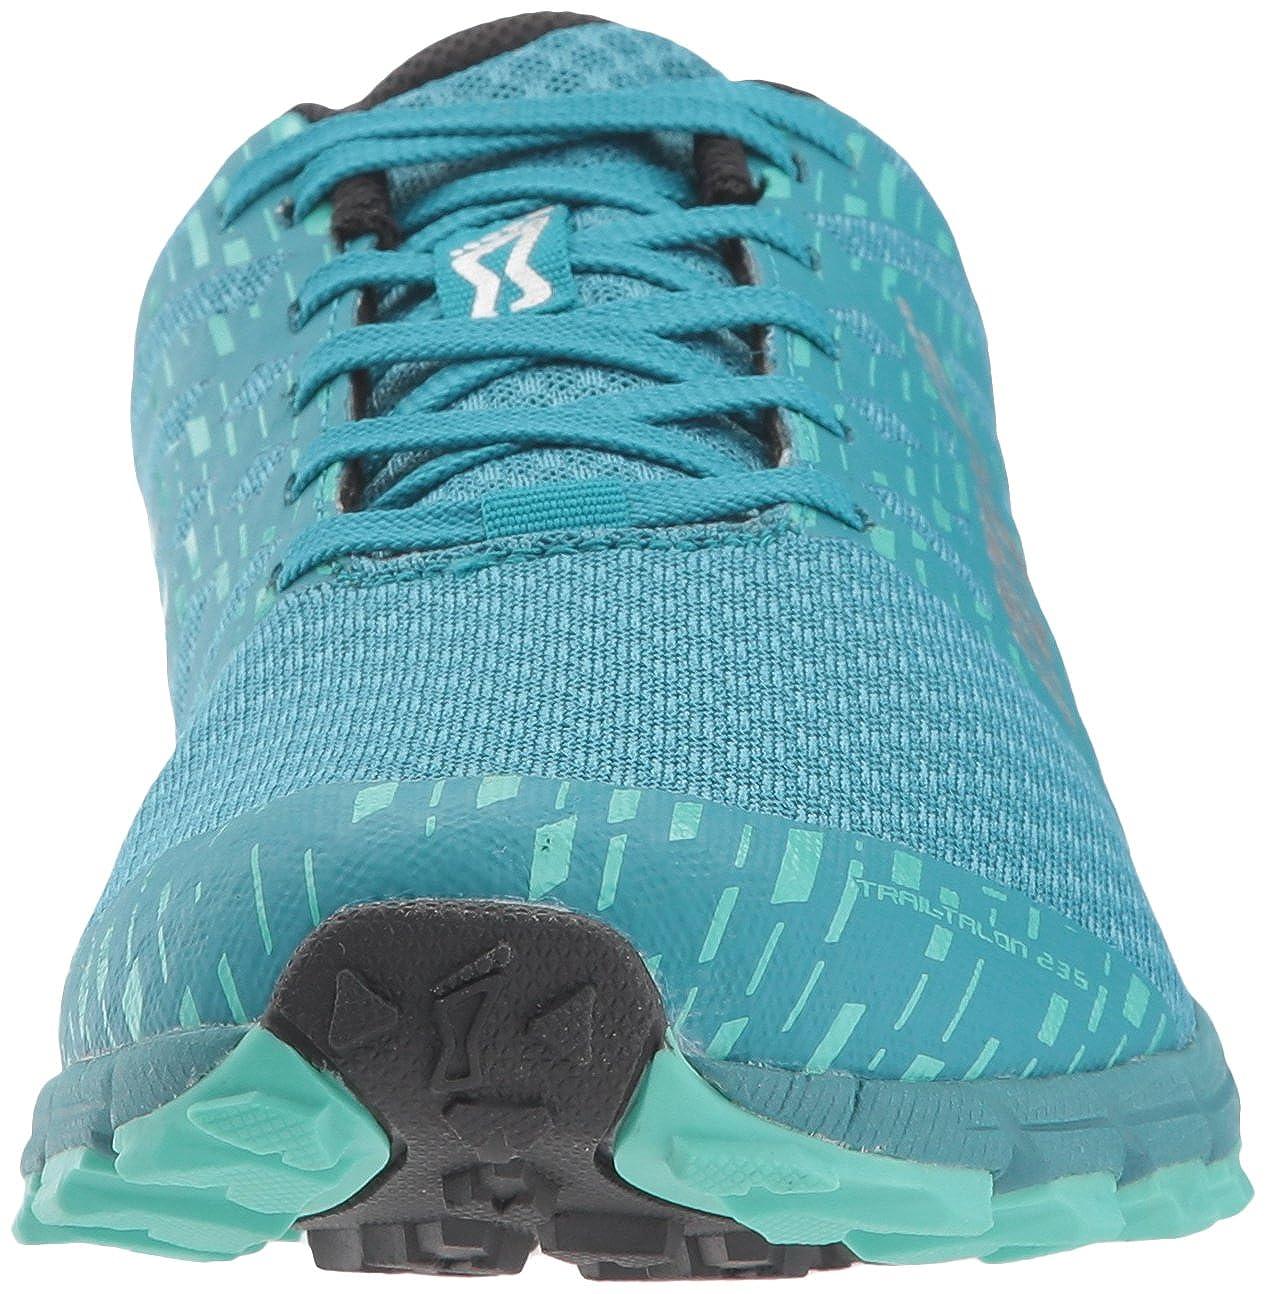 Inov-8 Women s Trailtalon 235 W Trail Running Shoe